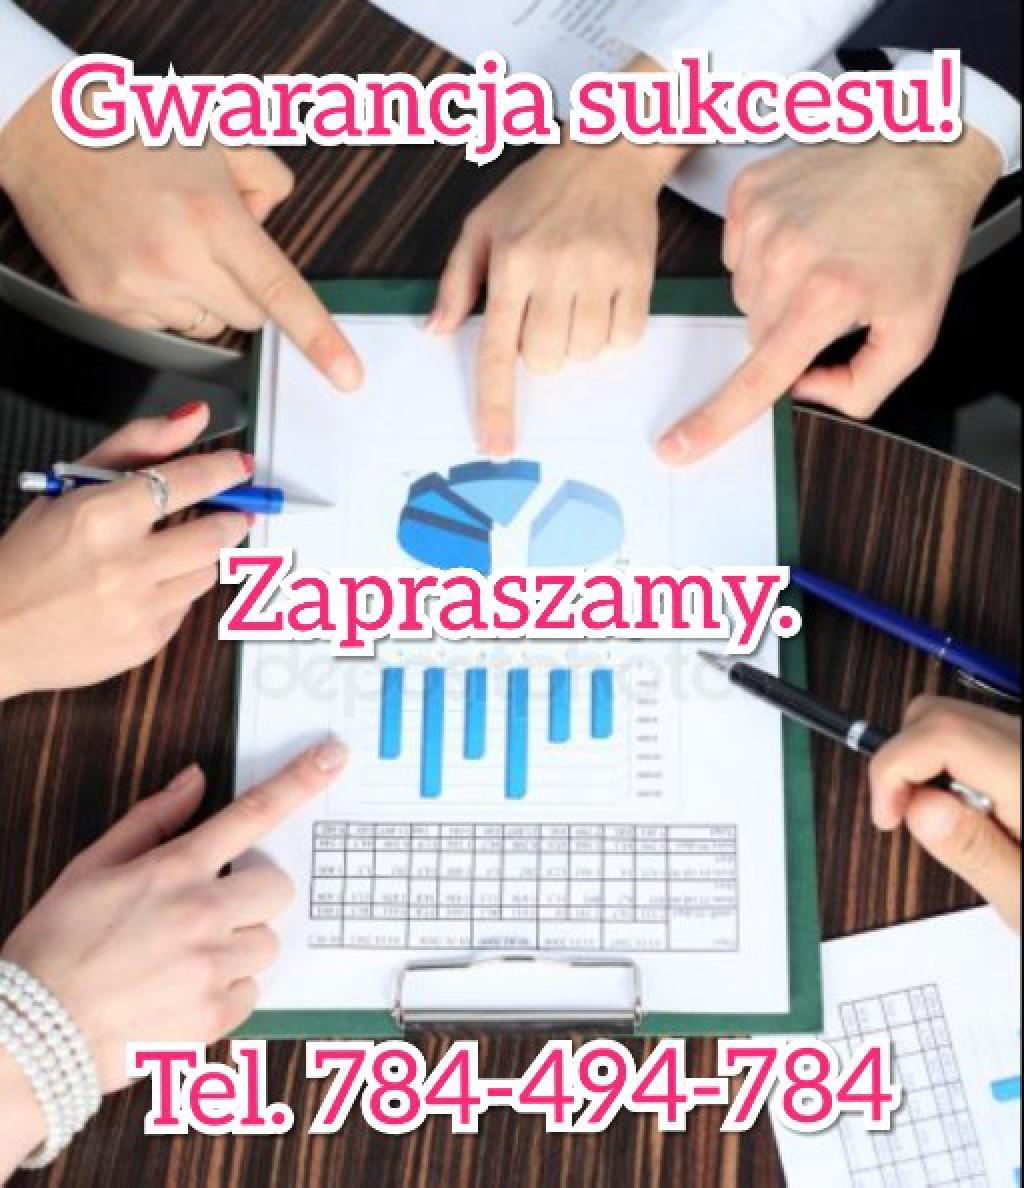 Kupimy spółki ze stratą finansową. Tel. 784-494-78